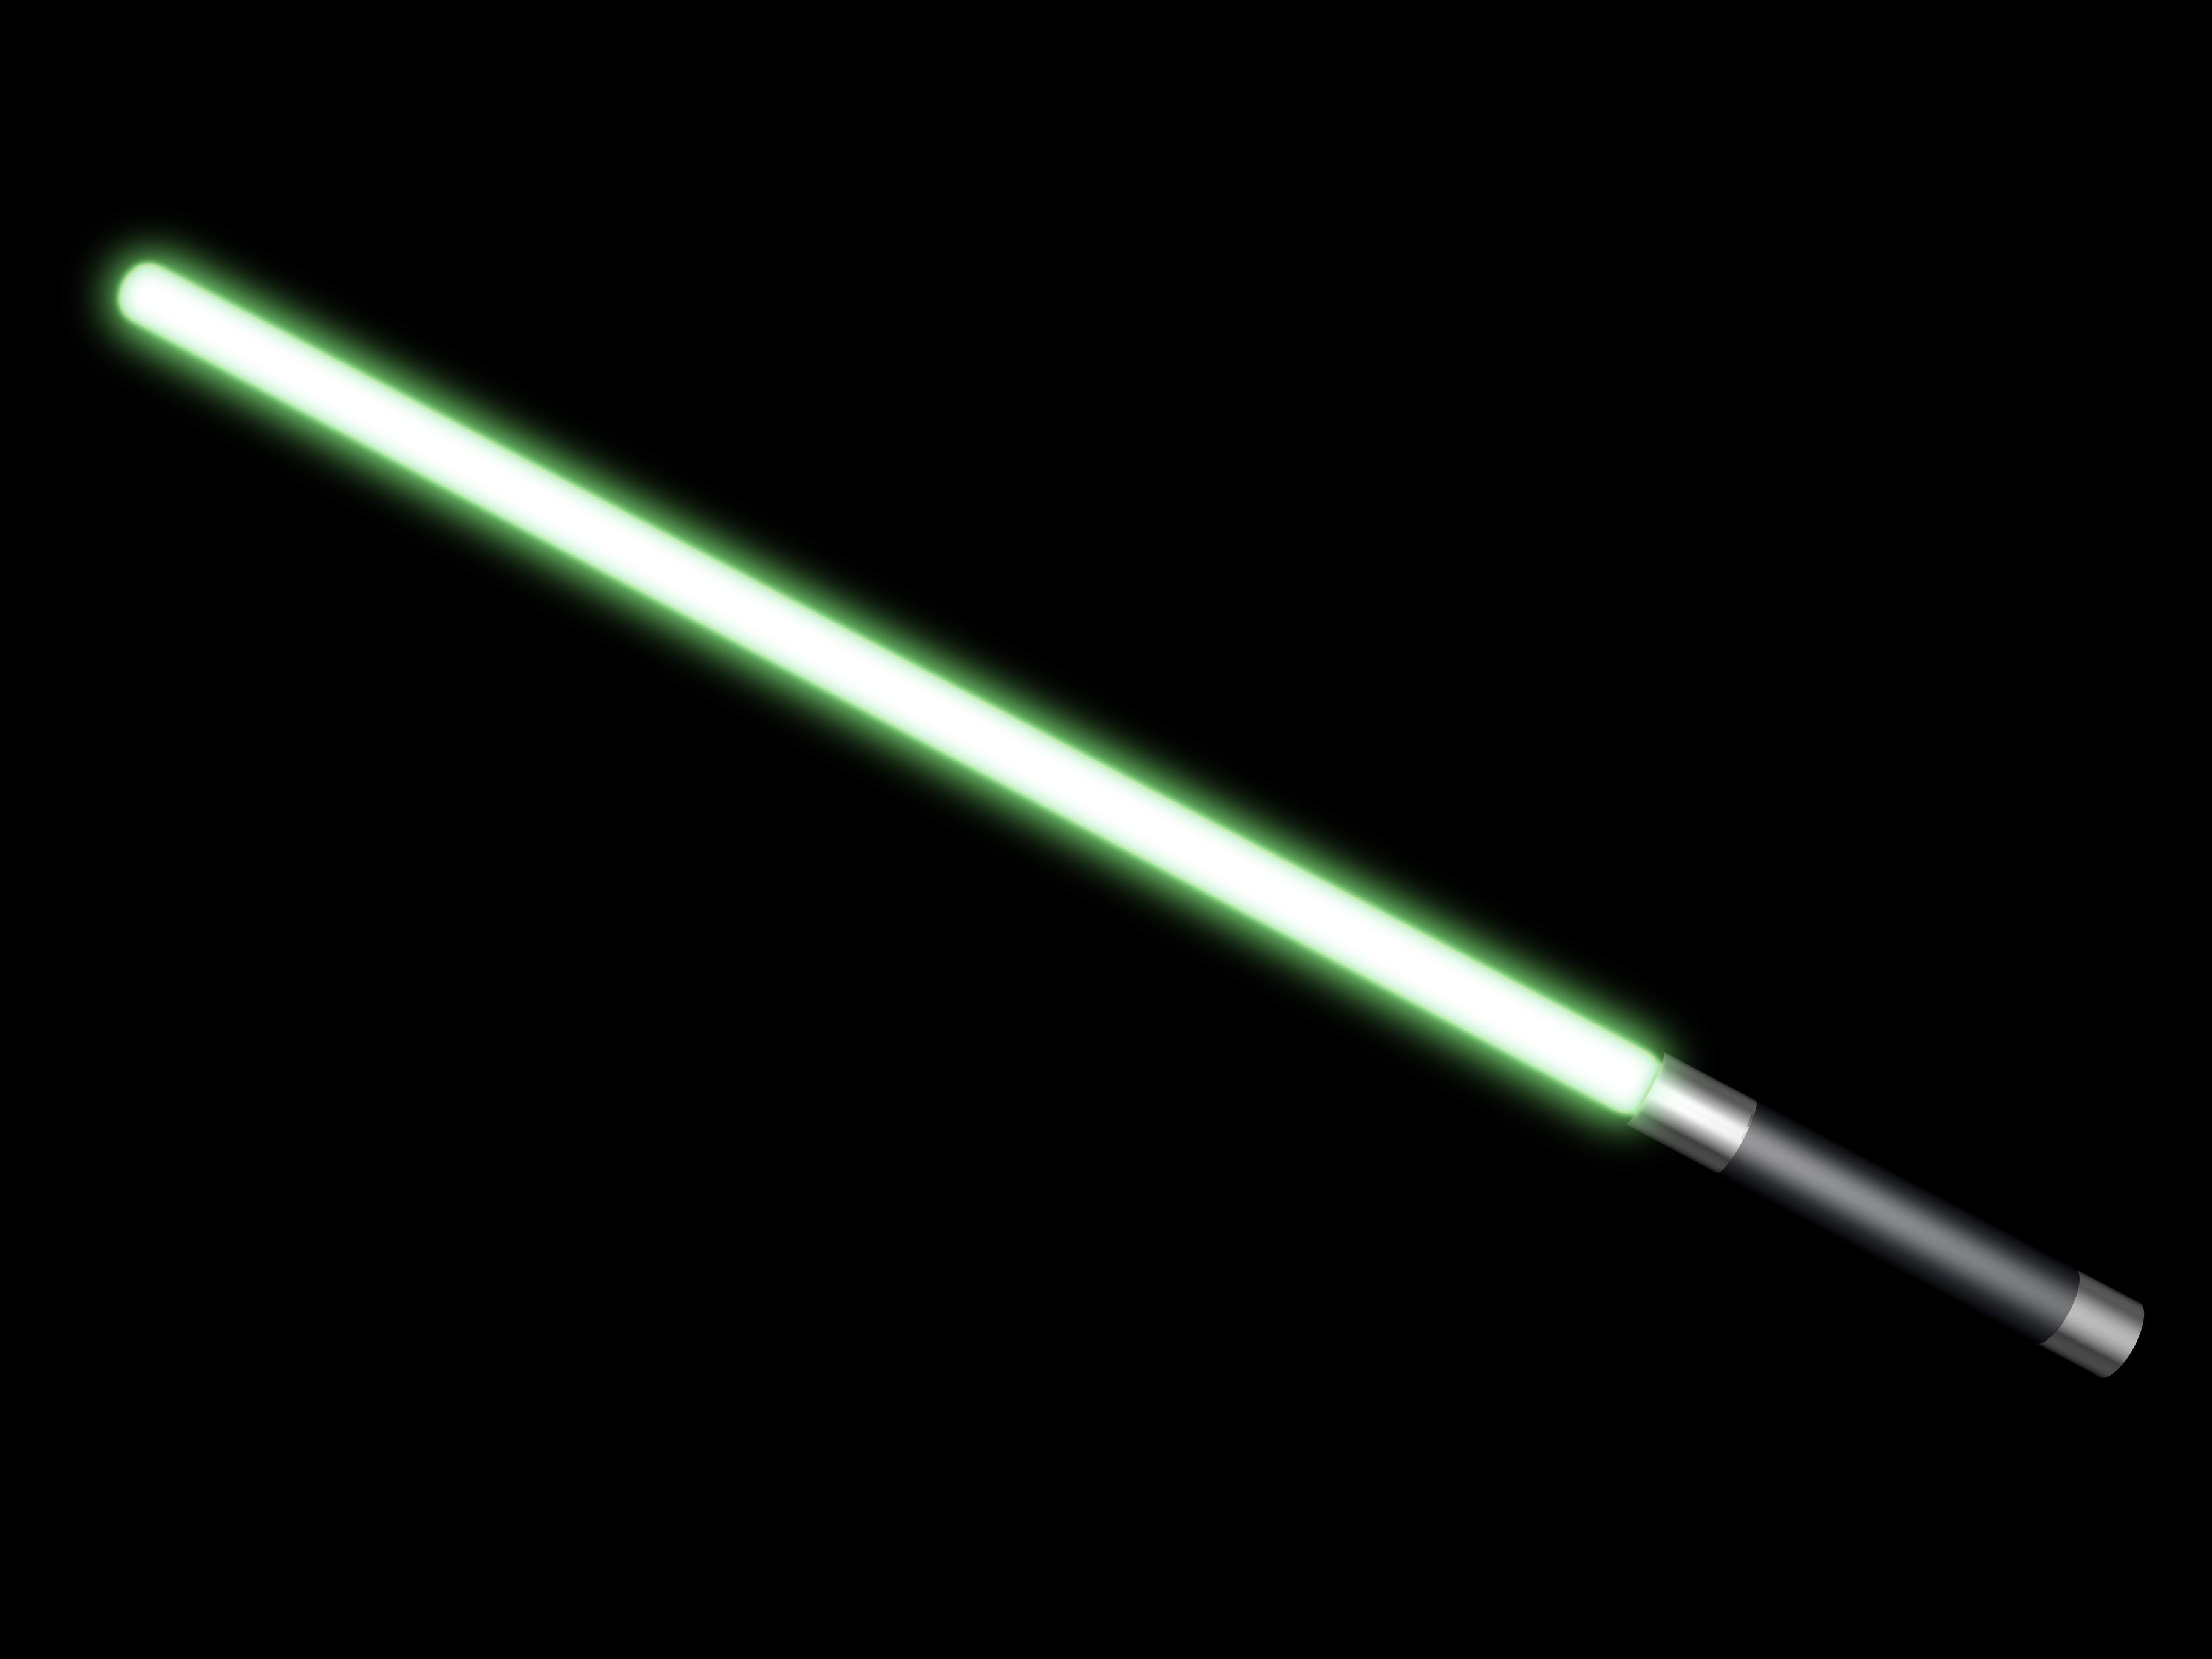 <p><strong>Светлинен меч</strong><br /> Във Федералната авиационна администрация на САЩ трябва да има много фенове на Междузвездни войни, ако се съди от това разрешение.</p>